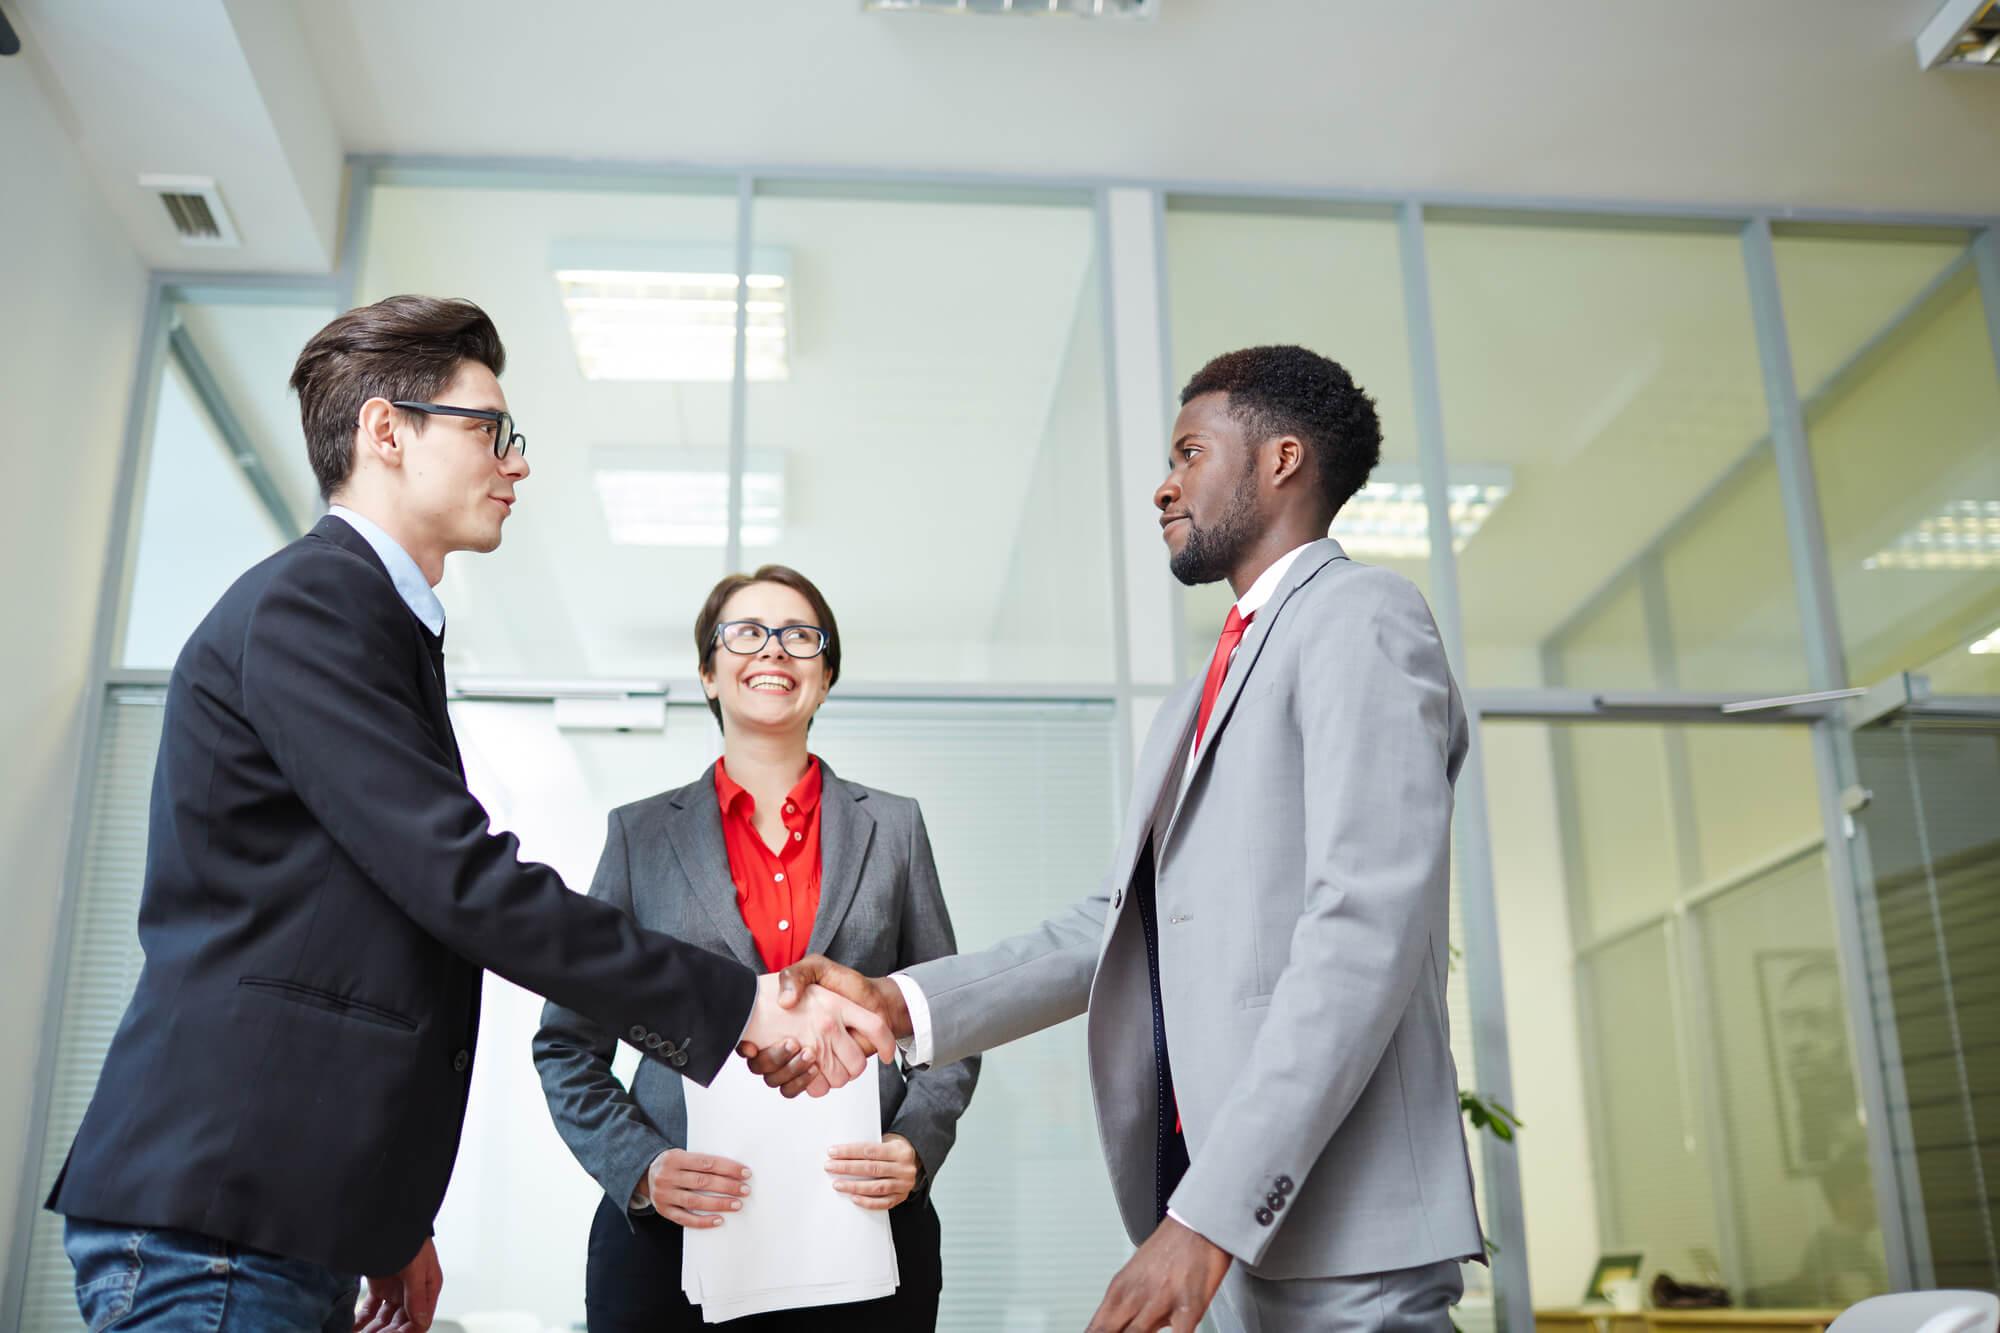 Governança corporativa: saiba como aplicá-la no seu trabalho